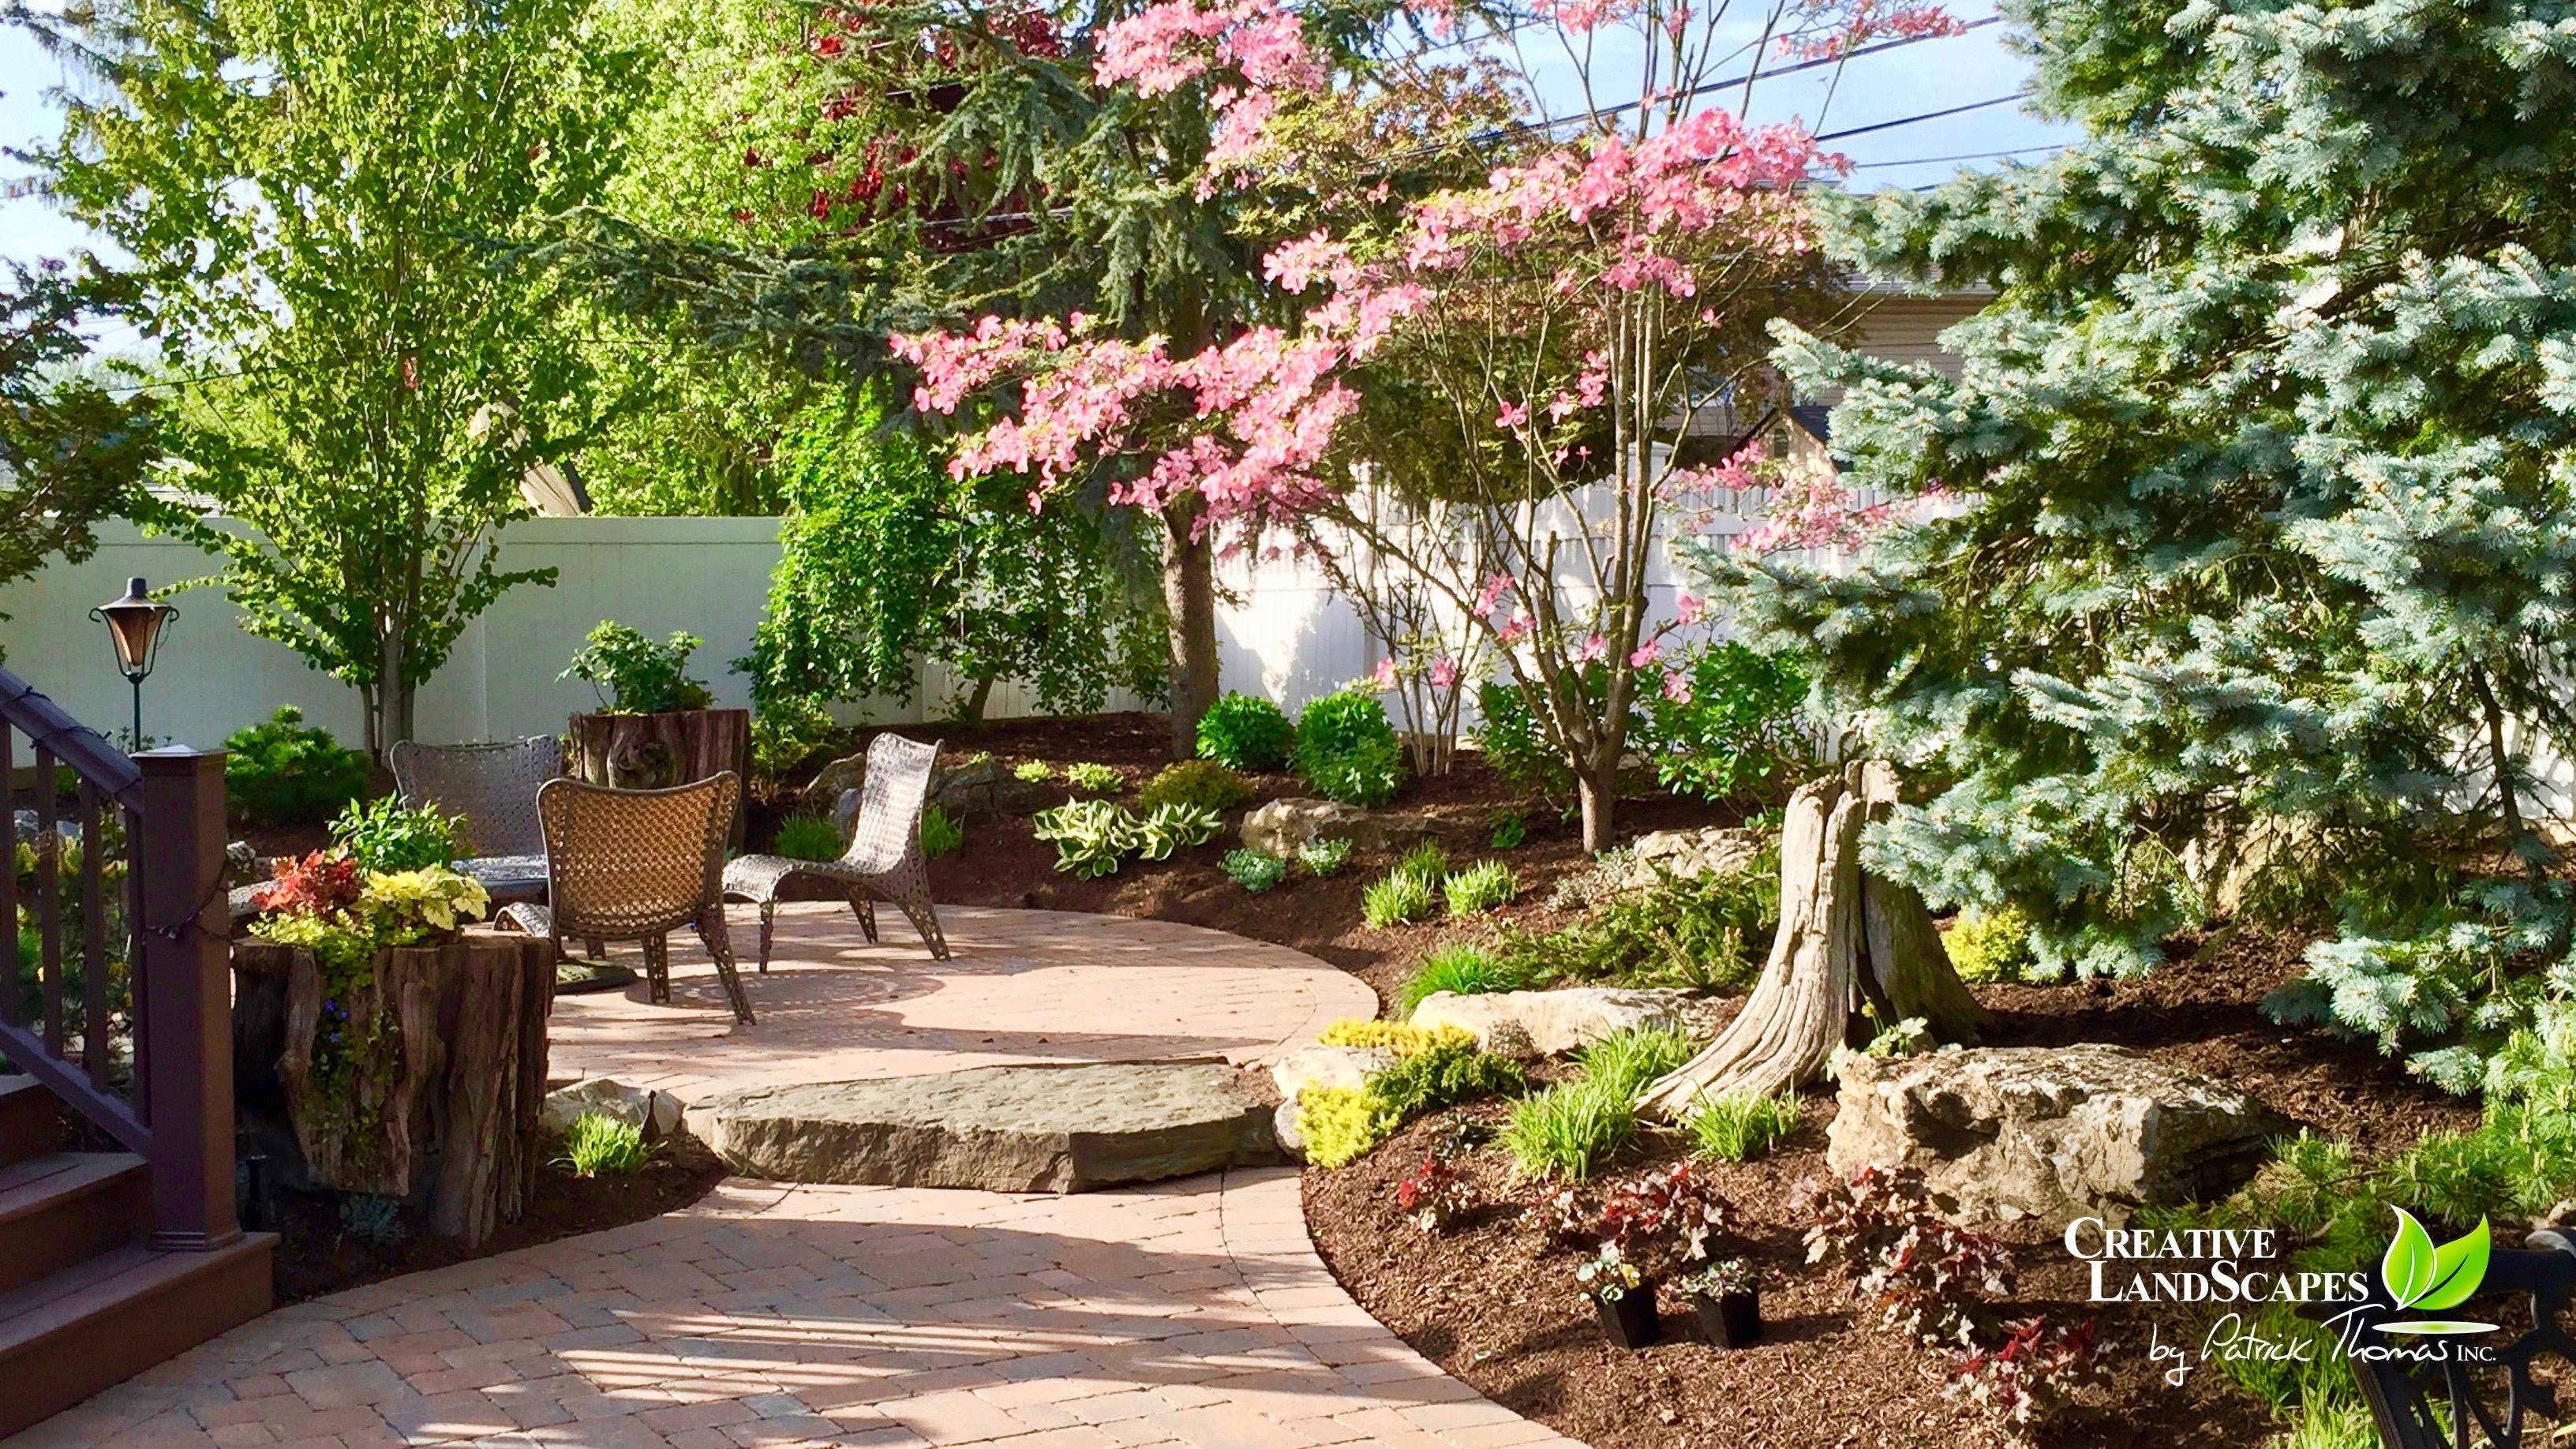 Landscape Design Planting Creative Landscapes